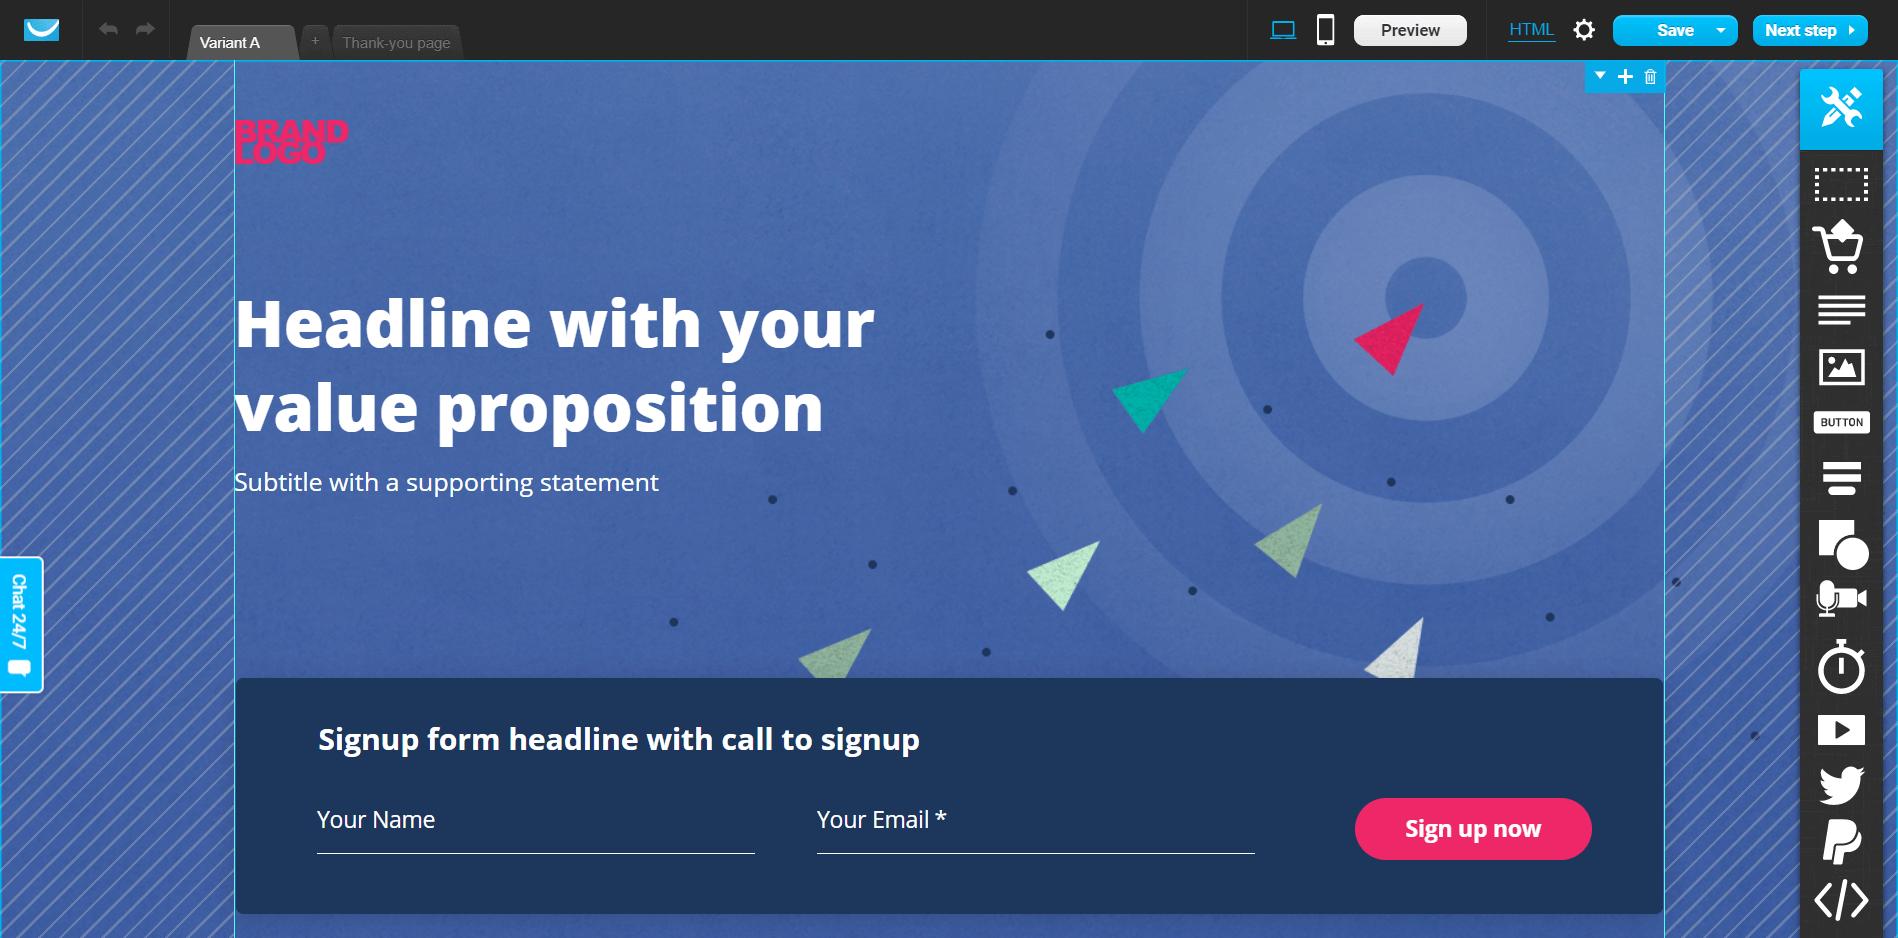 getresponse landing page editor dashboard